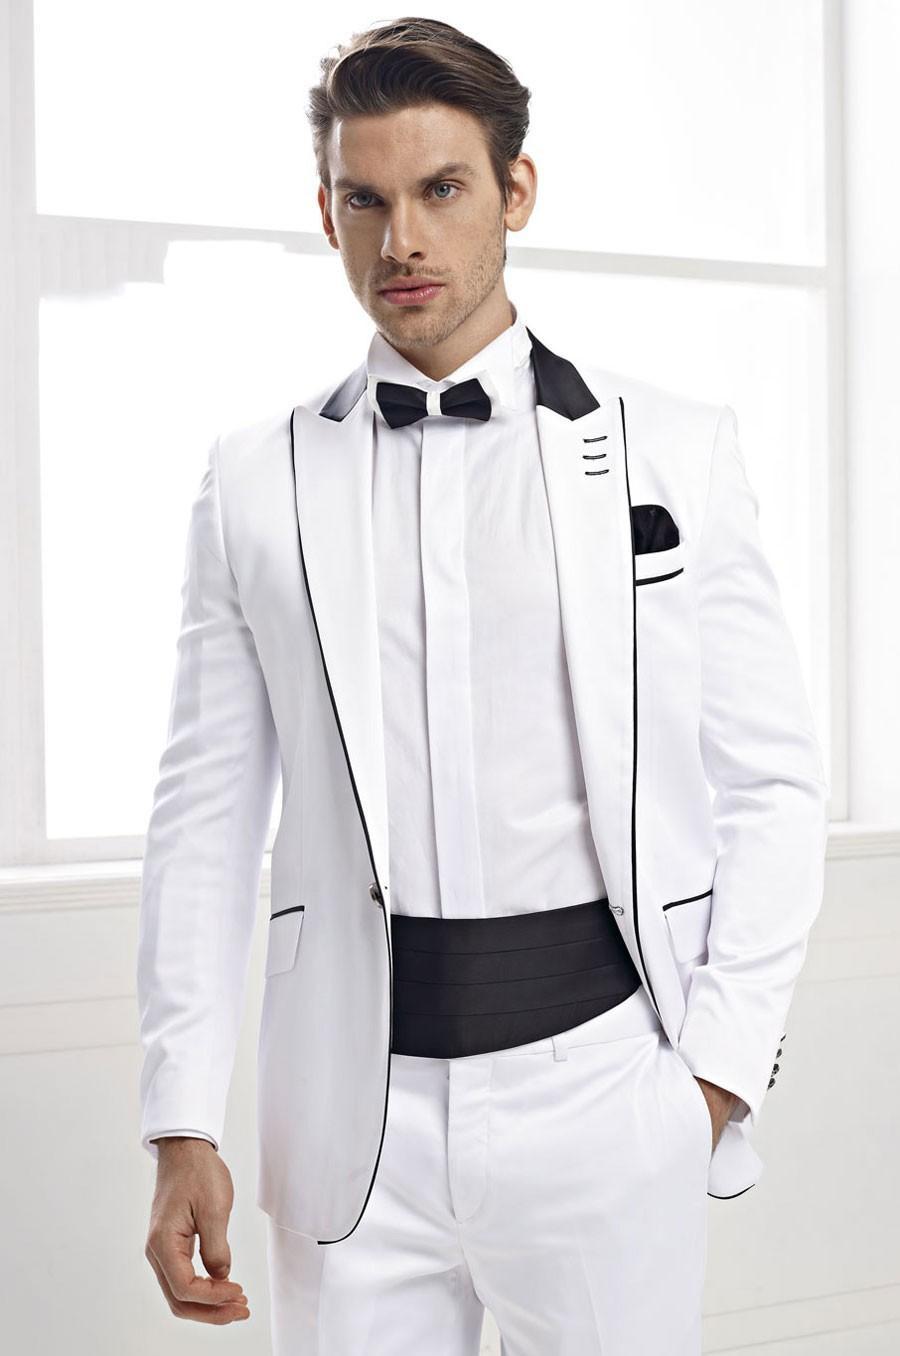 Anzüge der reizenden Männer 2016 Großverkauf - besonders angefertigt 2016 weiße neue Ankunfts-Hochzeits-Anzüge der Männer nehmen dünne Sitz-Smoking für Mann-Mann-Klage-Jacke + Pants ab